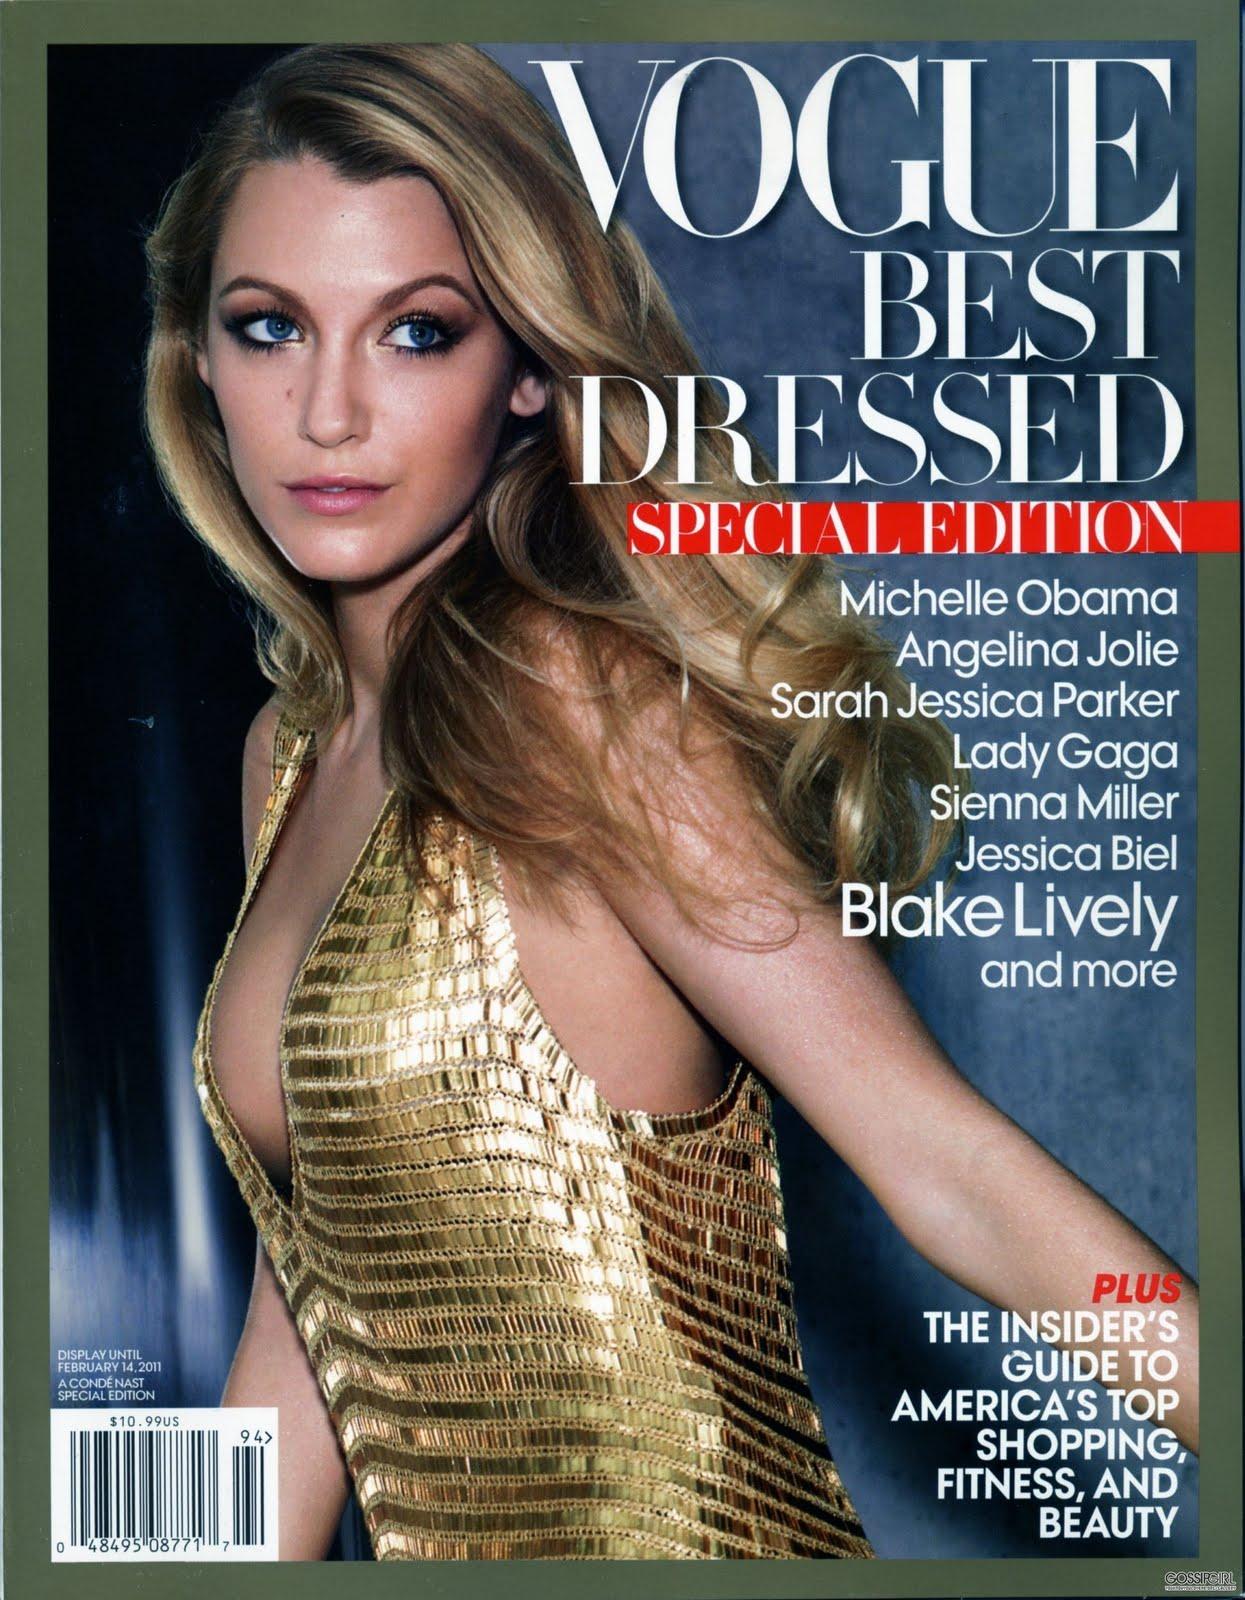 http://3.bp.blogspot.com/_uTFCPuWr90c/TOvktYYABPI/AAAAAAAAAQ8/uMe-R_Xhh7o/s1600/Vogue.jpg